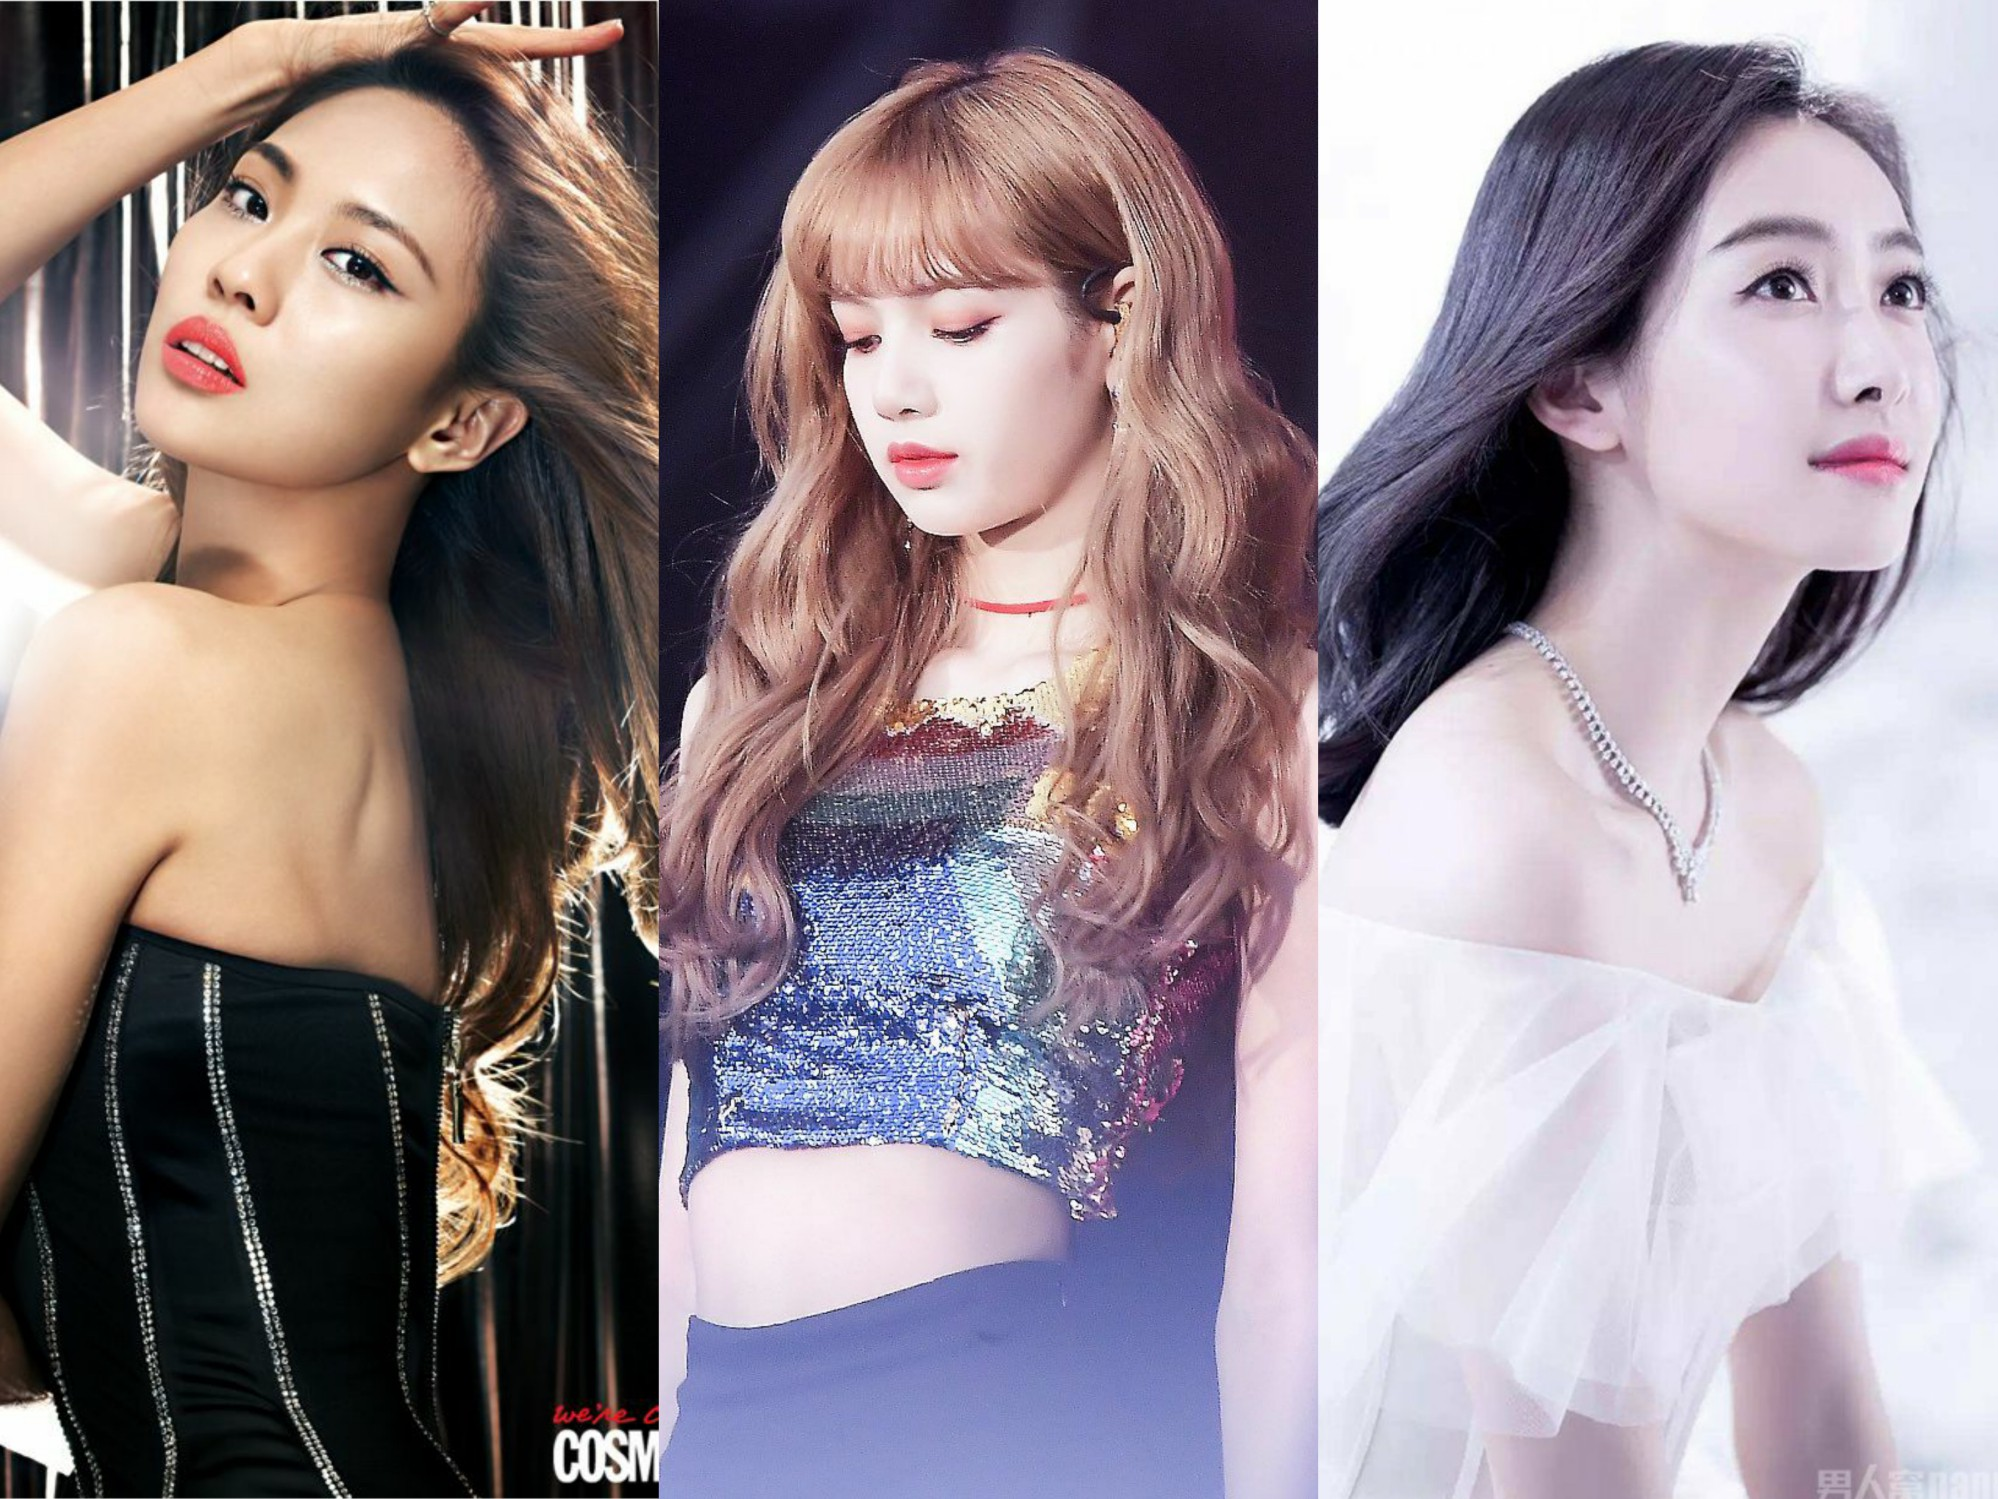 Vấn nạn kỳ thị idol ngoại quốc tại showbiz Hàn: Quá nhiều góc khuất, tương lai nào cho thần tượng đến từ nước ngoài? - Ảnh 5.